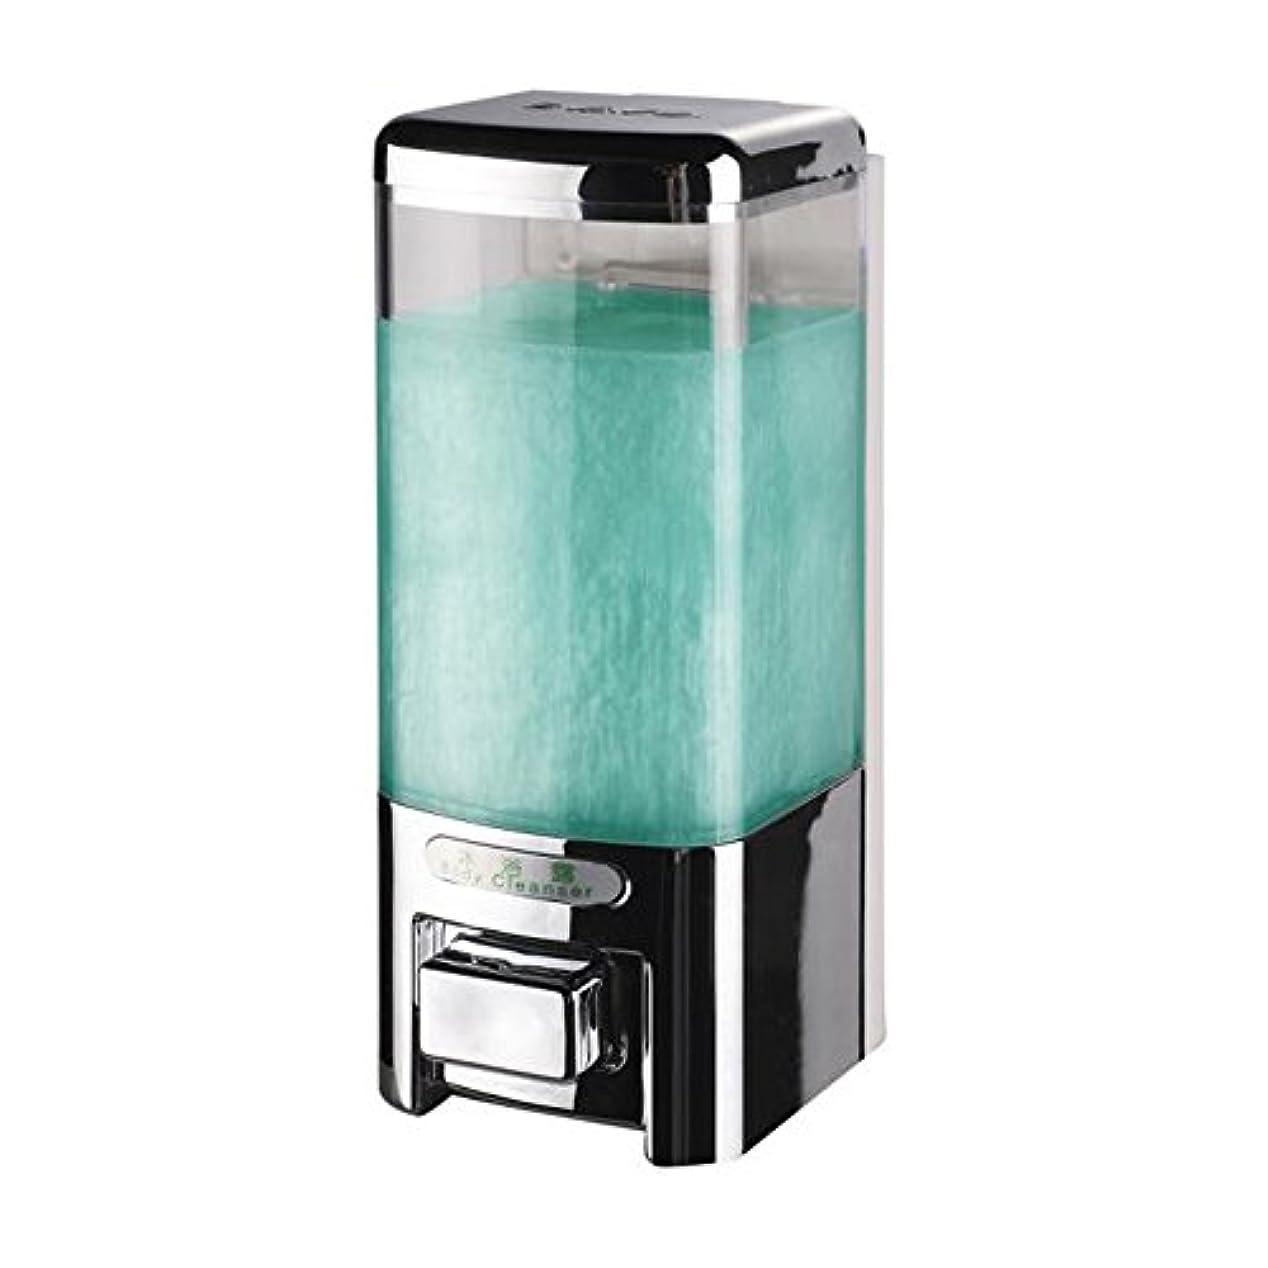 スーパーマーケット誠実さ乳剤Svavo v-8101プラスチック壁マウントHand Soap Dispenser forホテルキッチンバスルームホワイト、クロム500 ml 1のパック V-8101-Chrome